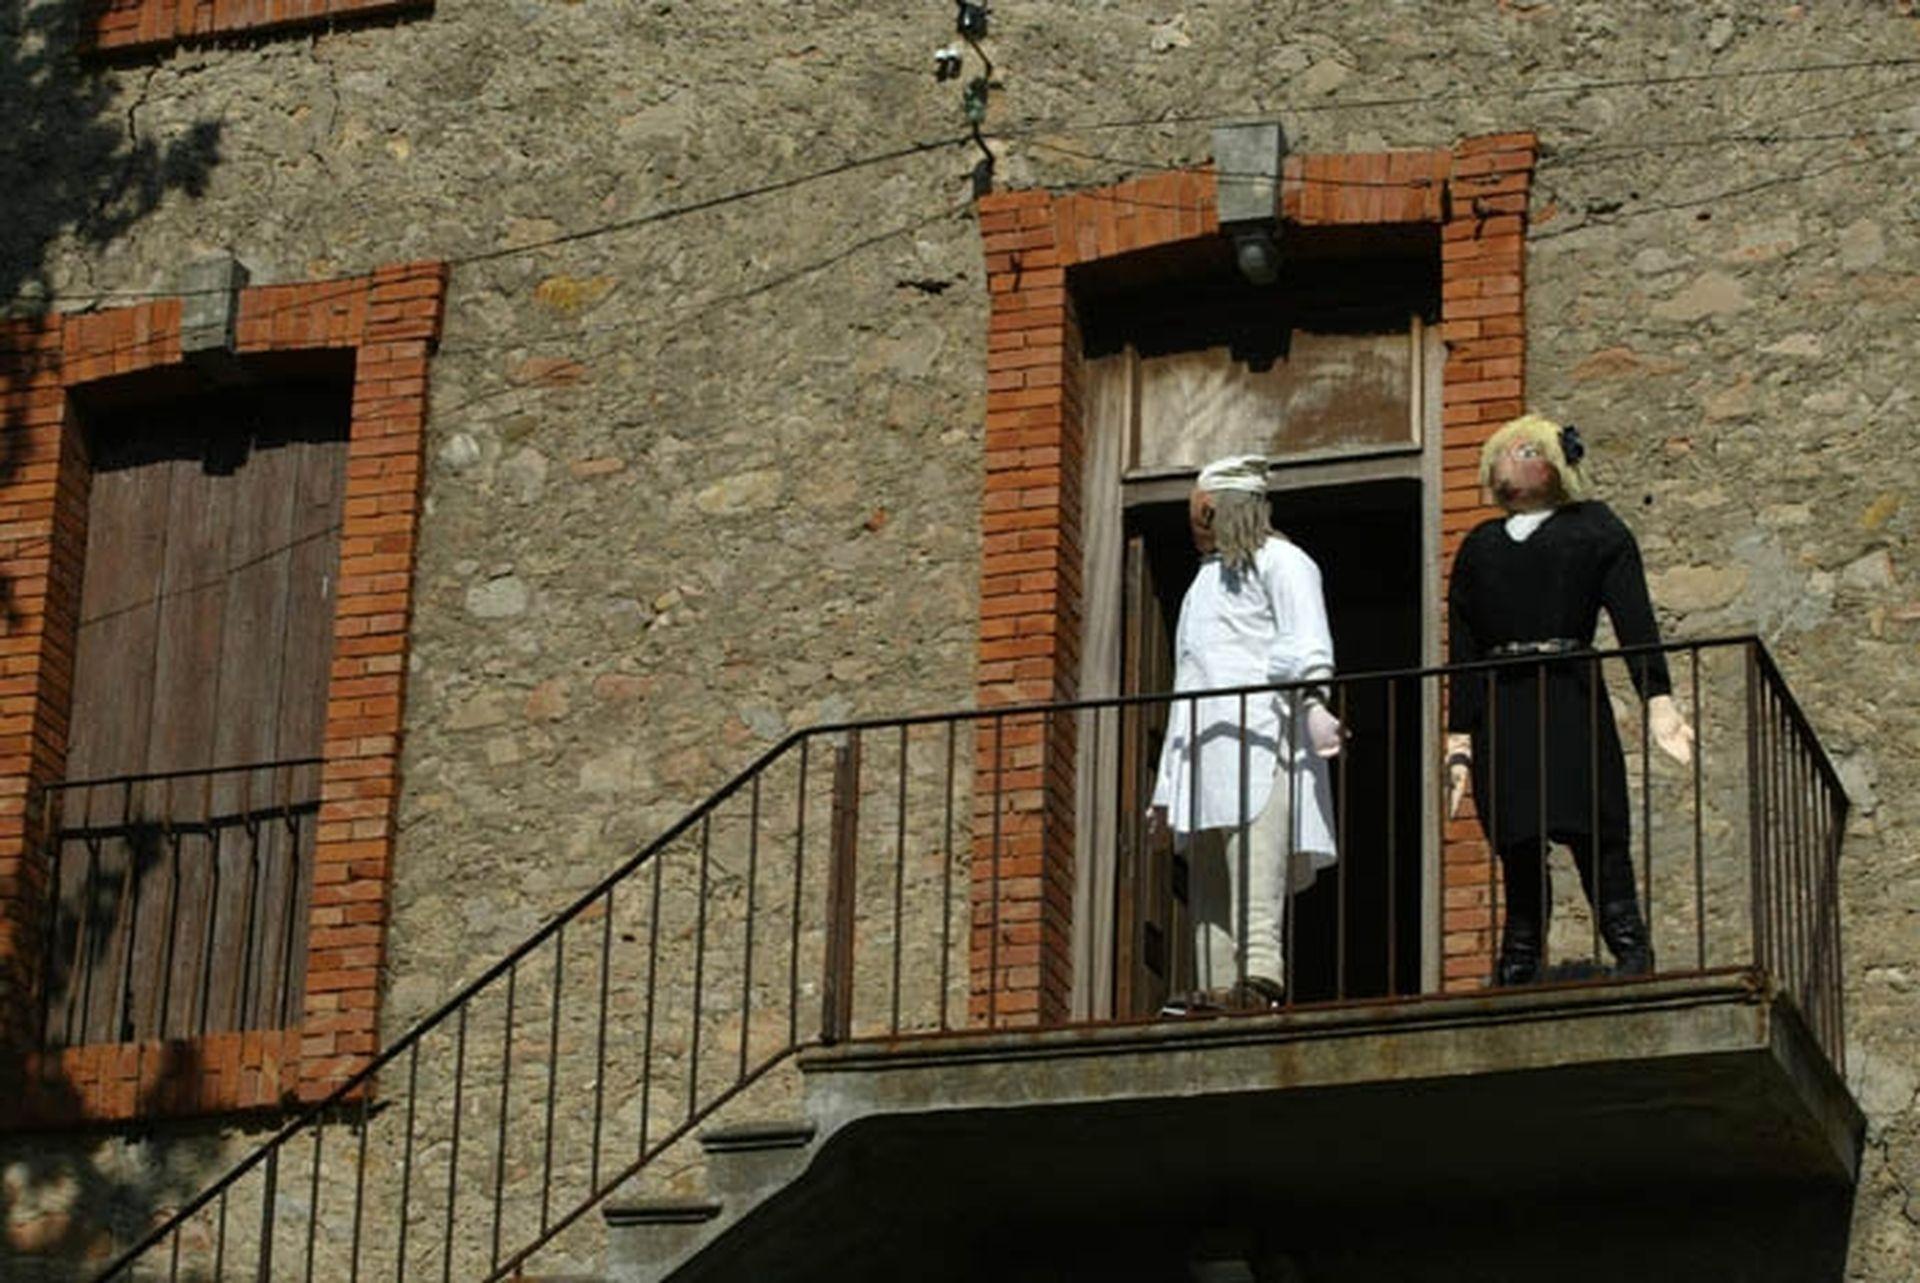 Petetas de Murviel Lèz Béziers - un couple de poupées de chiffon à taille humaine disposées au balcon d'une maison en tenue de nuit